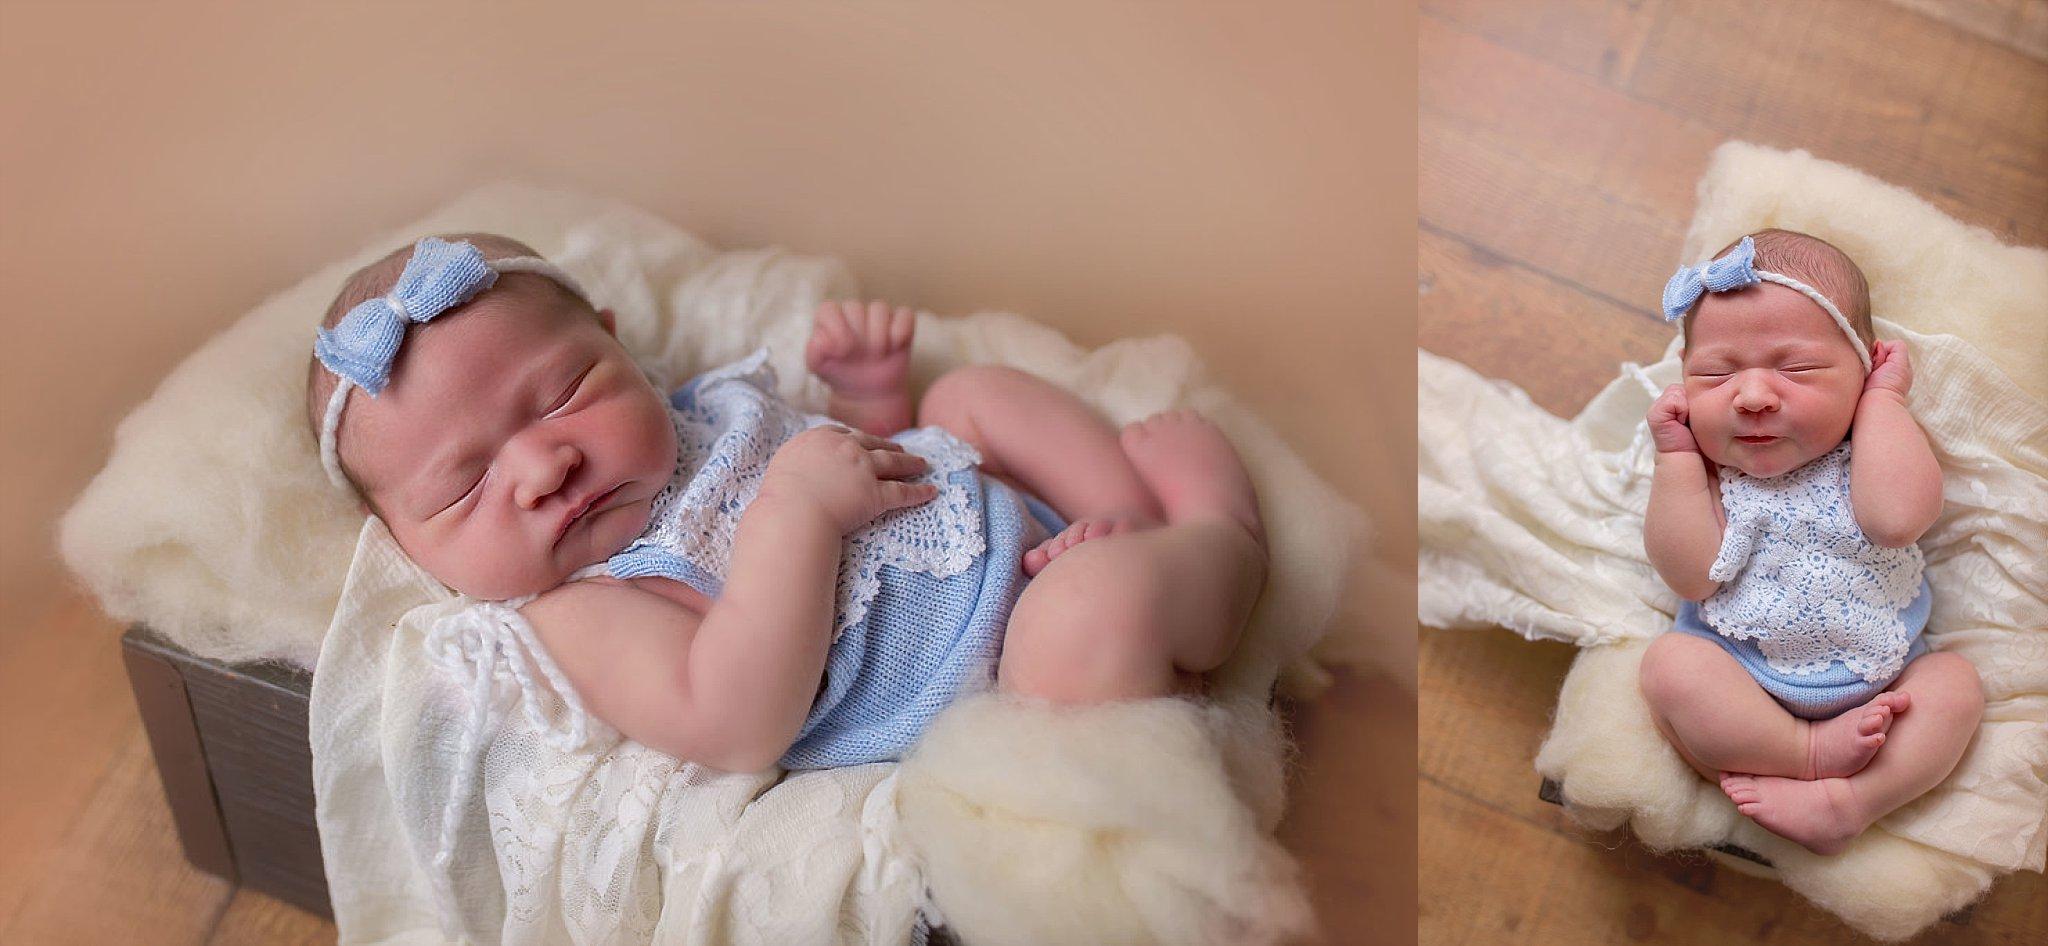 Candace Wolfenbarger photographs newborn scrunching.